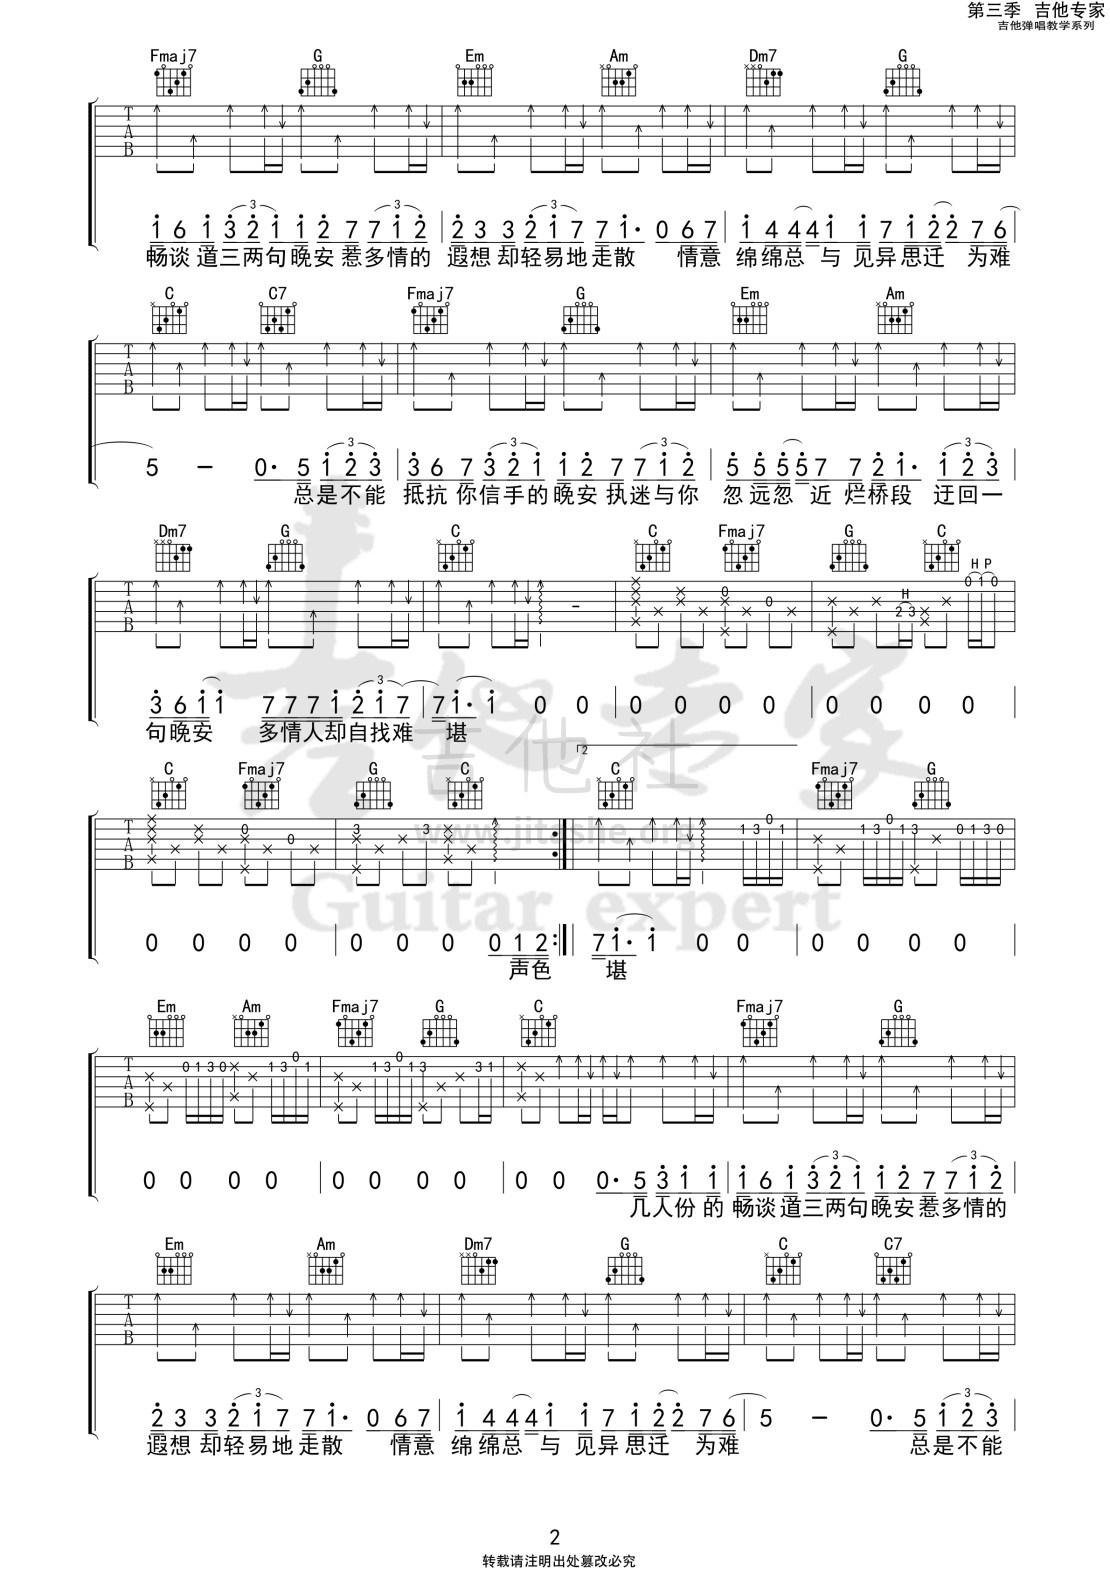 晚安 (吉他专家弹唱教学:第三季第71集)吉他谱(图片谱)_颜人中_晚安2 第三季第七十一集.jpg